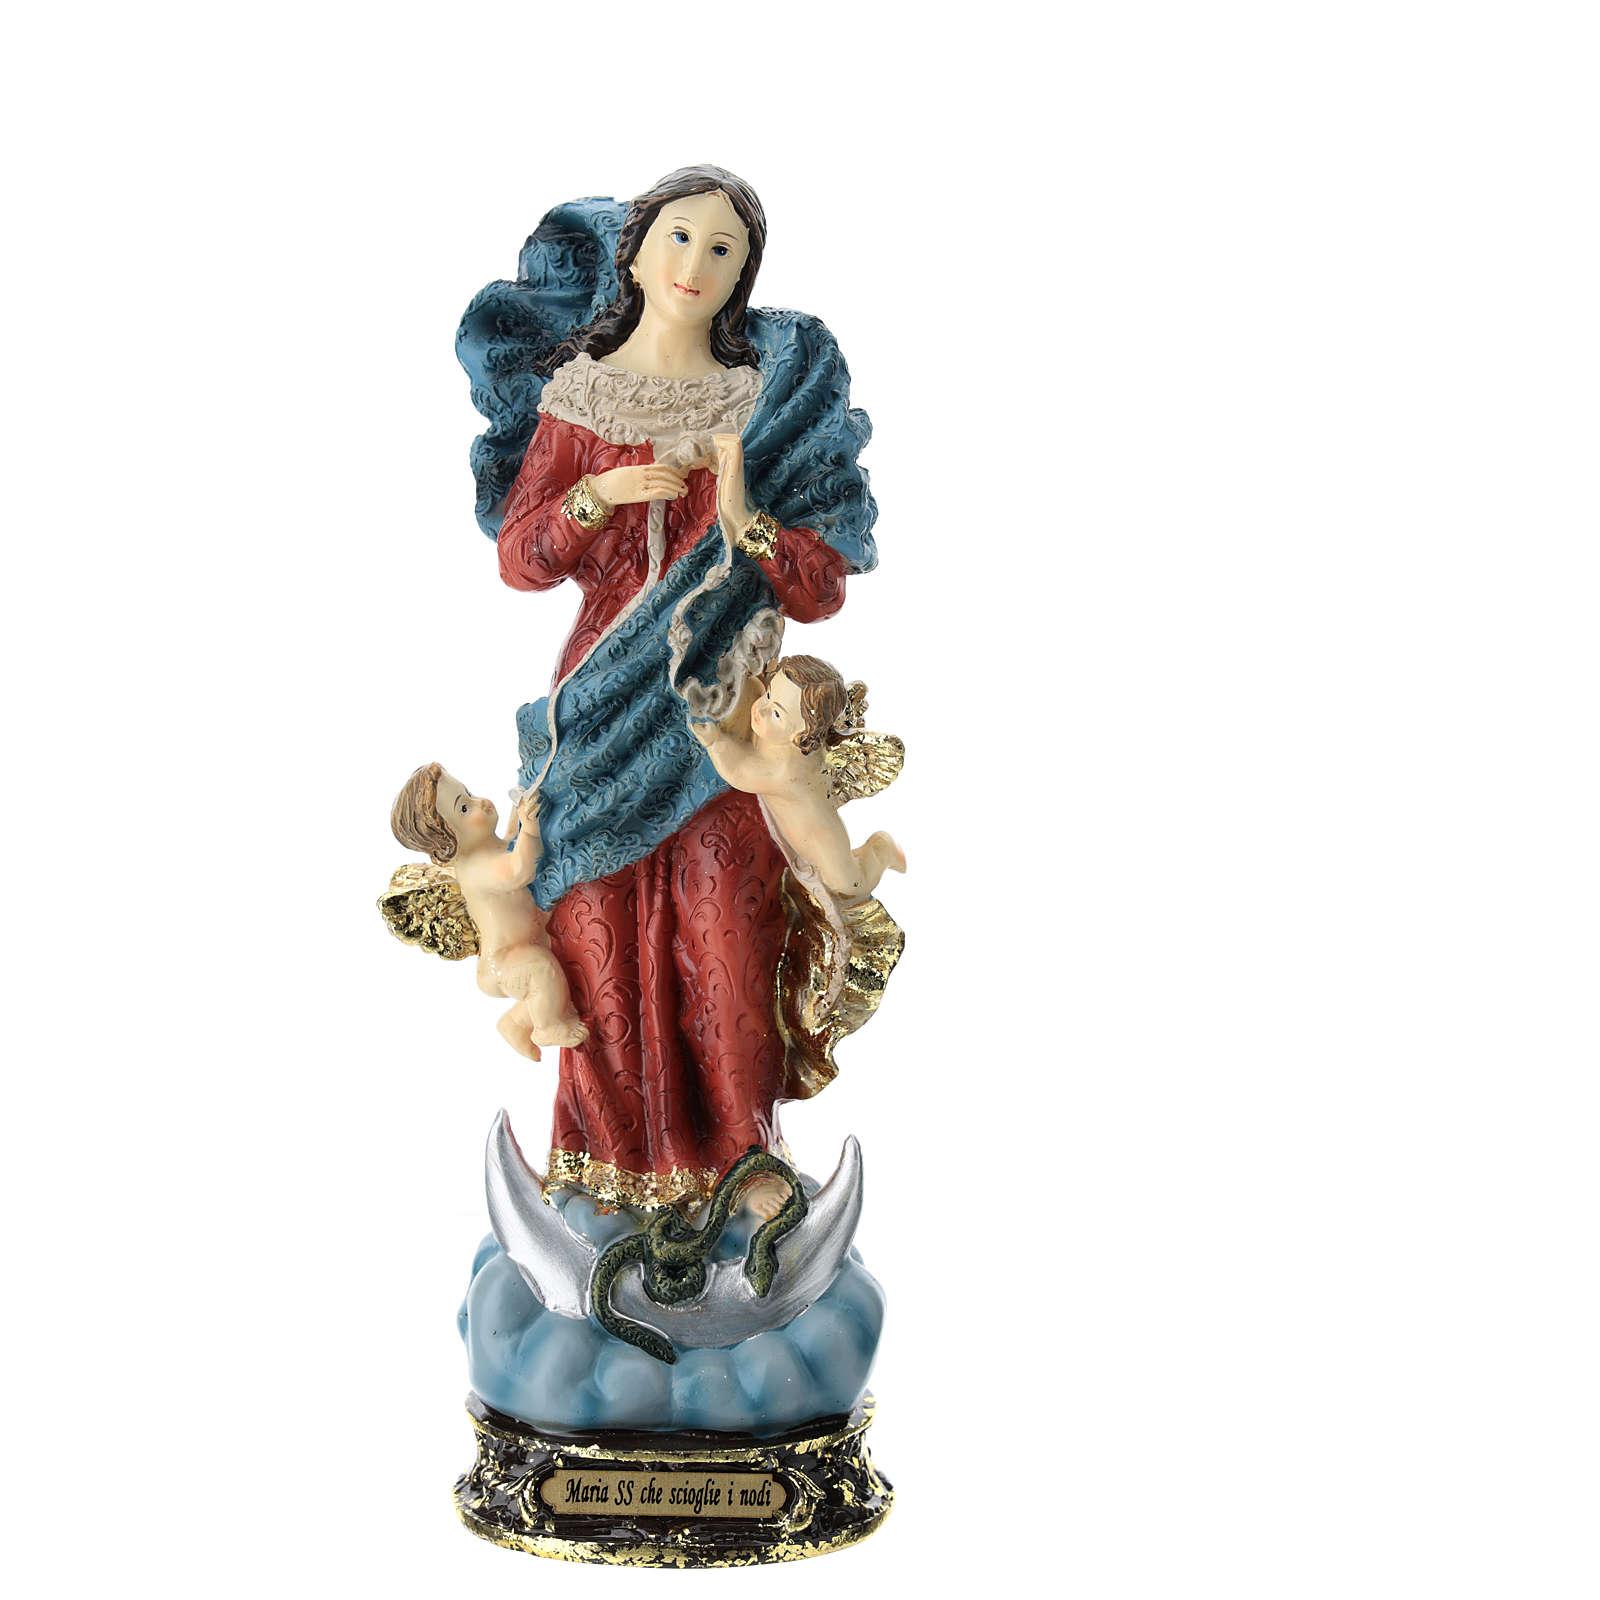 Estatua Virgen que desata los nudos resina 22 cm 4